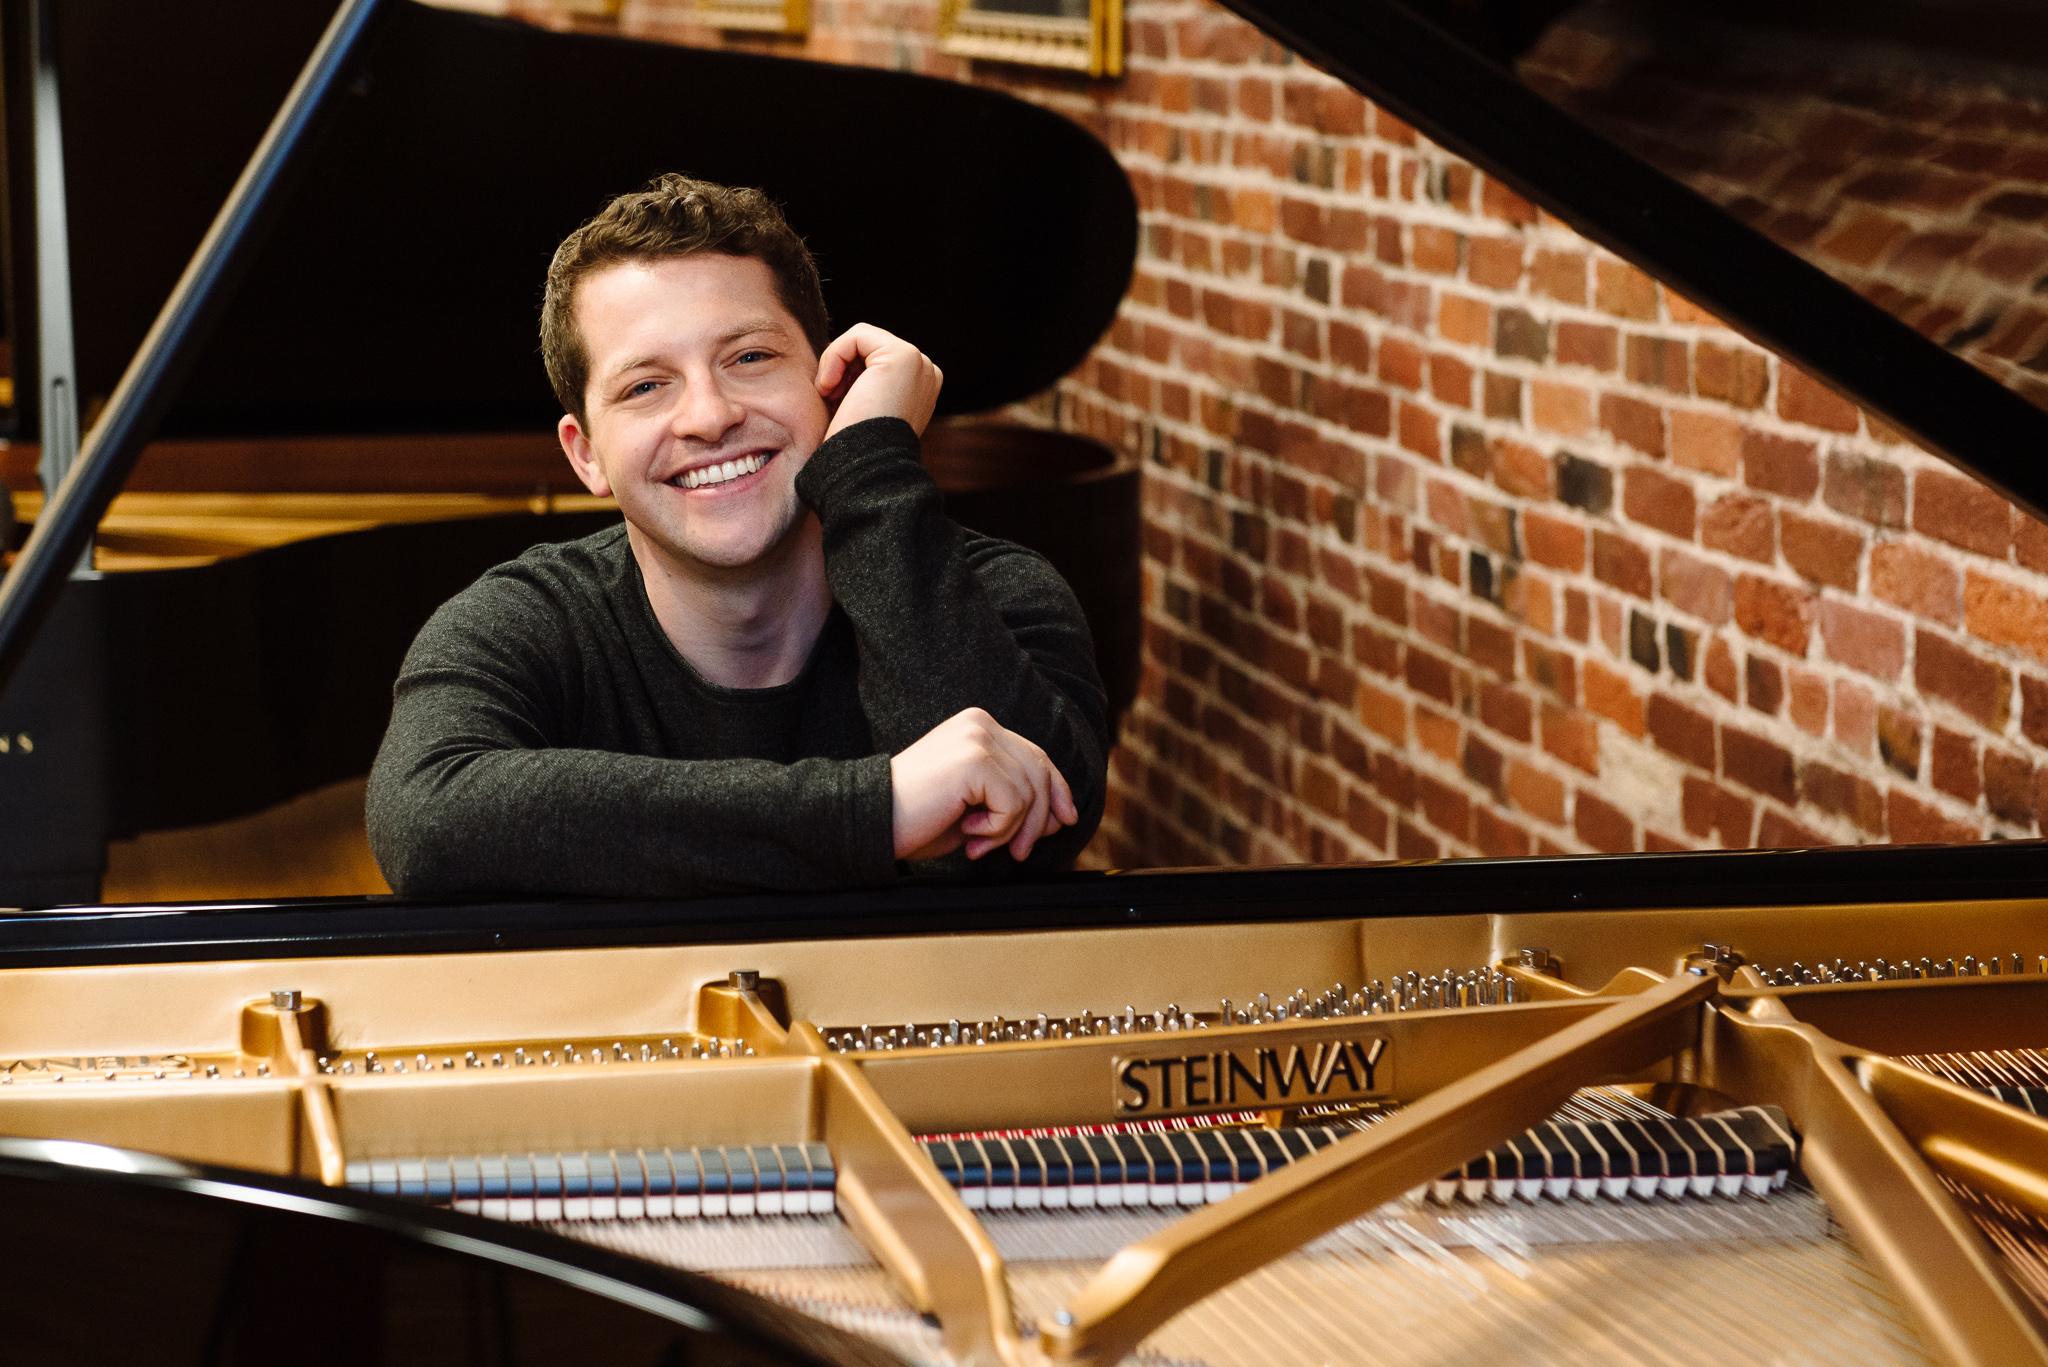 henry-at-piano